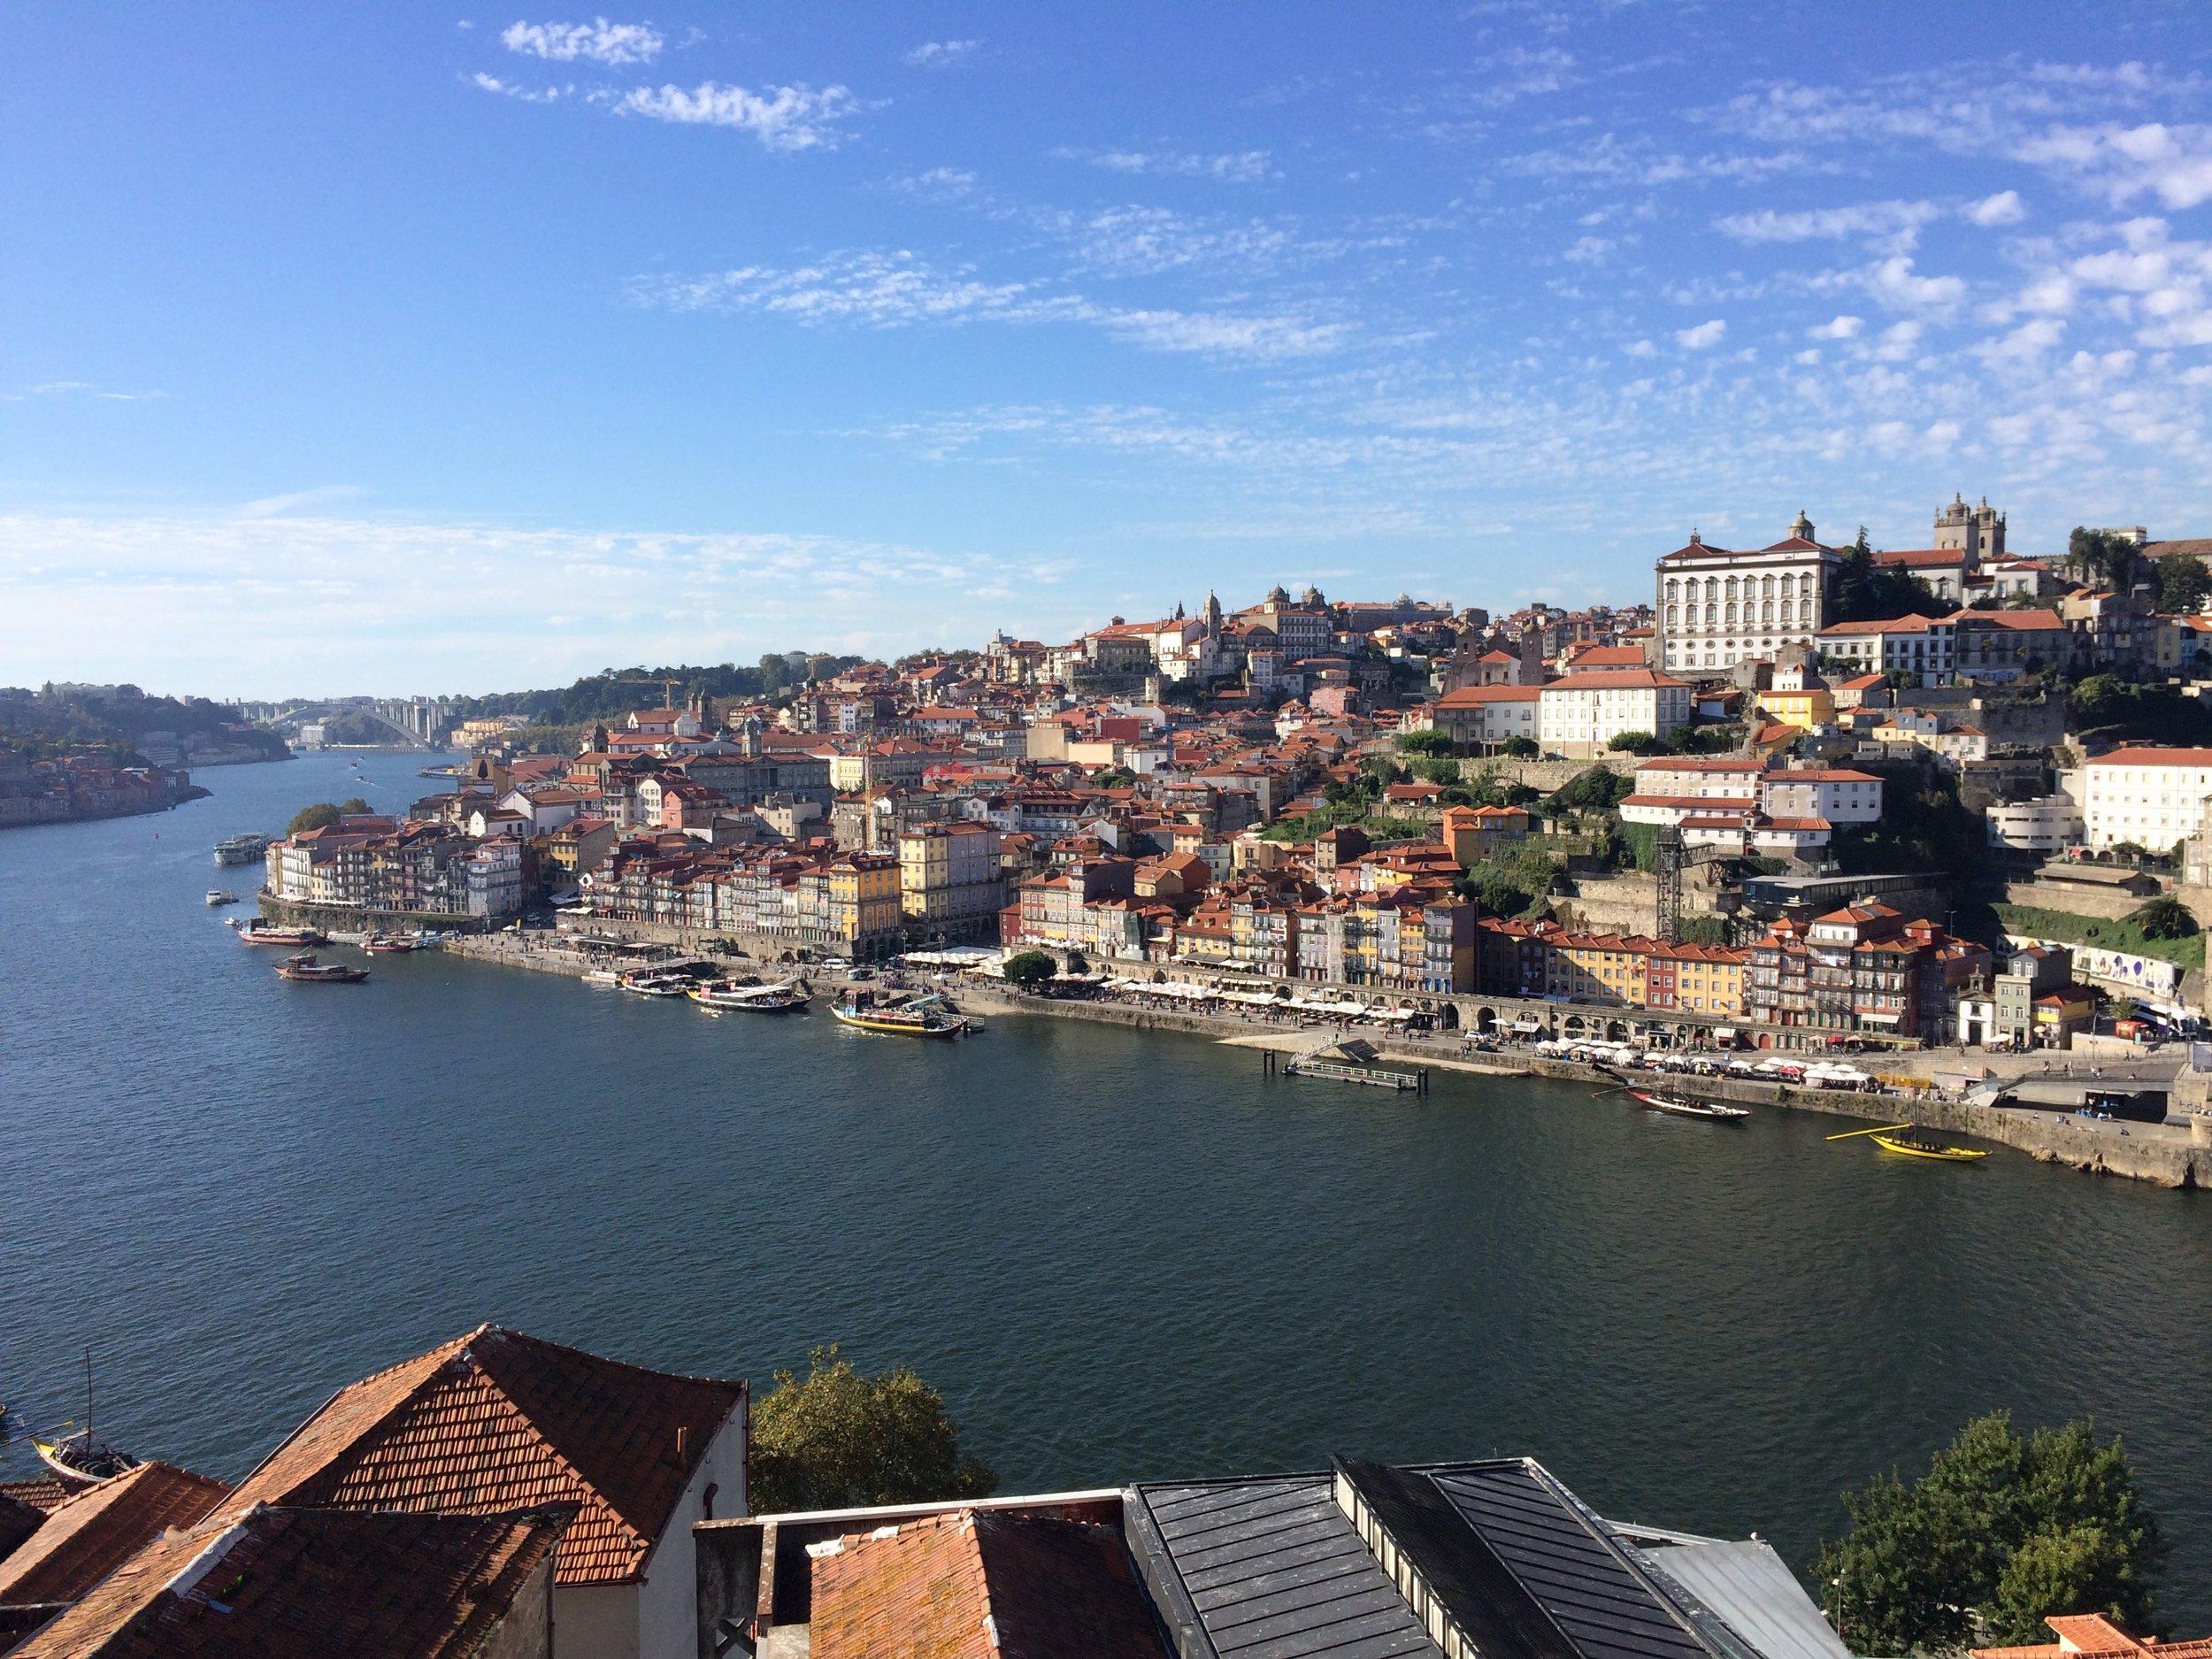 Porto's Ribeira (old city) on the River Douro